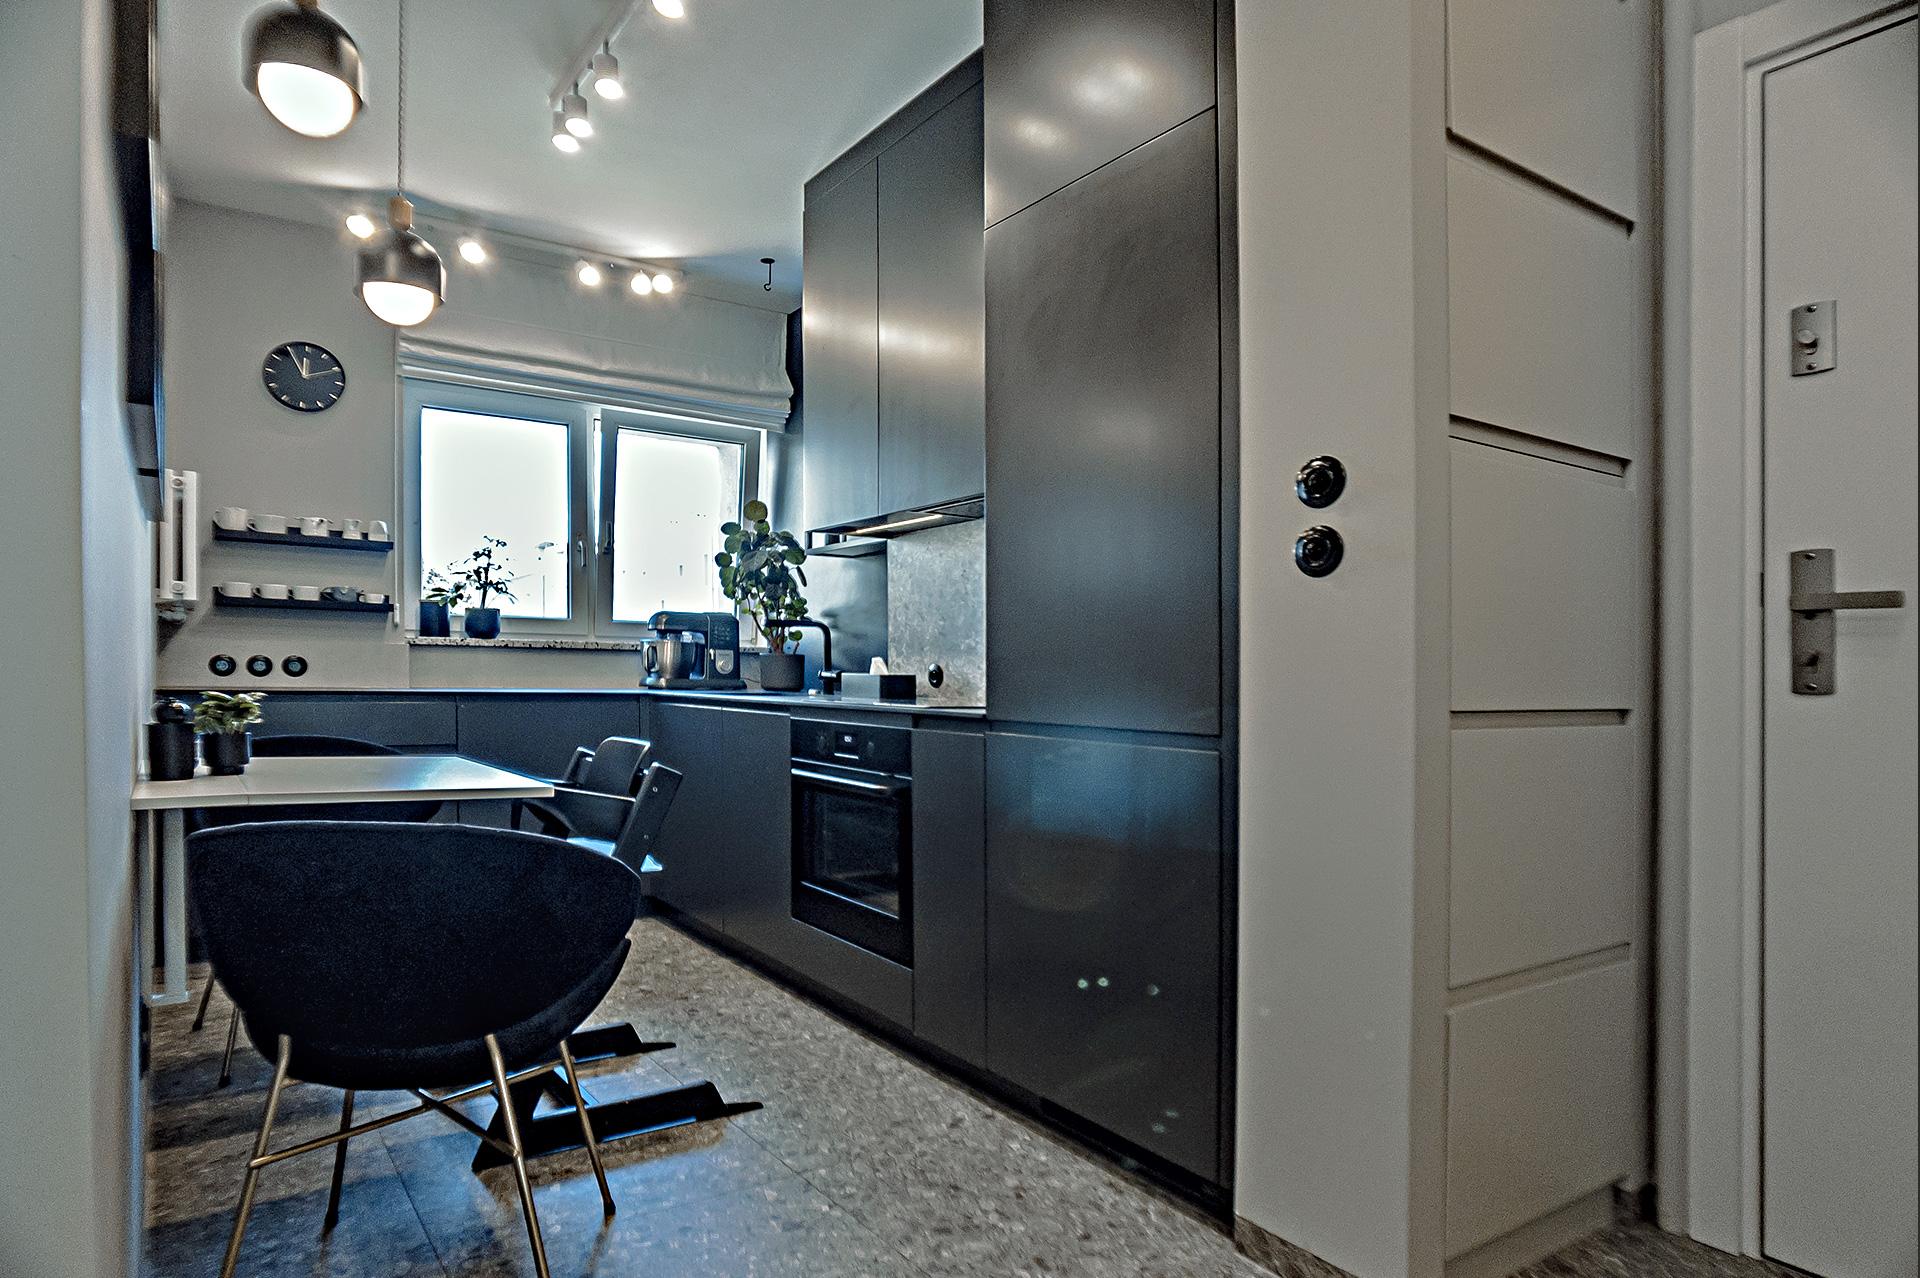 Dzięki wyburzeniu ściany między kuchnią i korytarzem, optycznie powiększyłyśmy niewielkie wnętrze. Tuż przy wejściu – szafki na obuwie wbudowane w pozostawioną resztkę ściany.